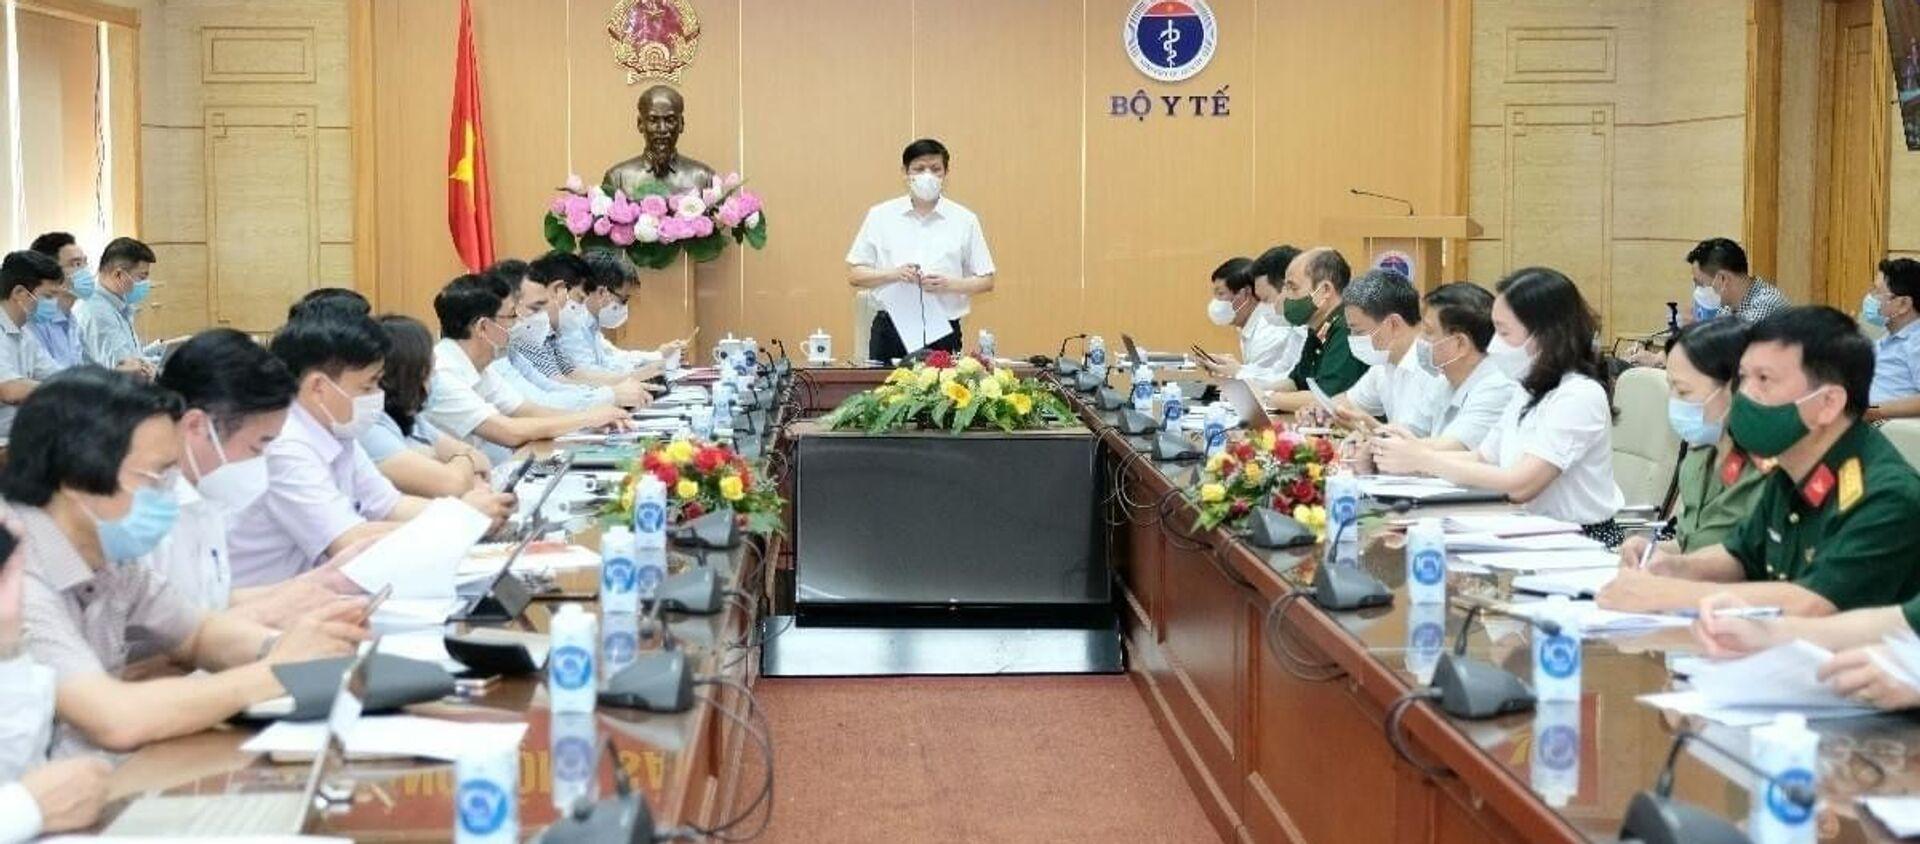 Cuộc họp Ban Chỉ đạo triển khai chiến dịch tiêm vaccine phòng COVID-19 năm 2021 - 2022 chiều ngày 02/07 - Sputnik Việt Nam, 1920, 02.07.2021